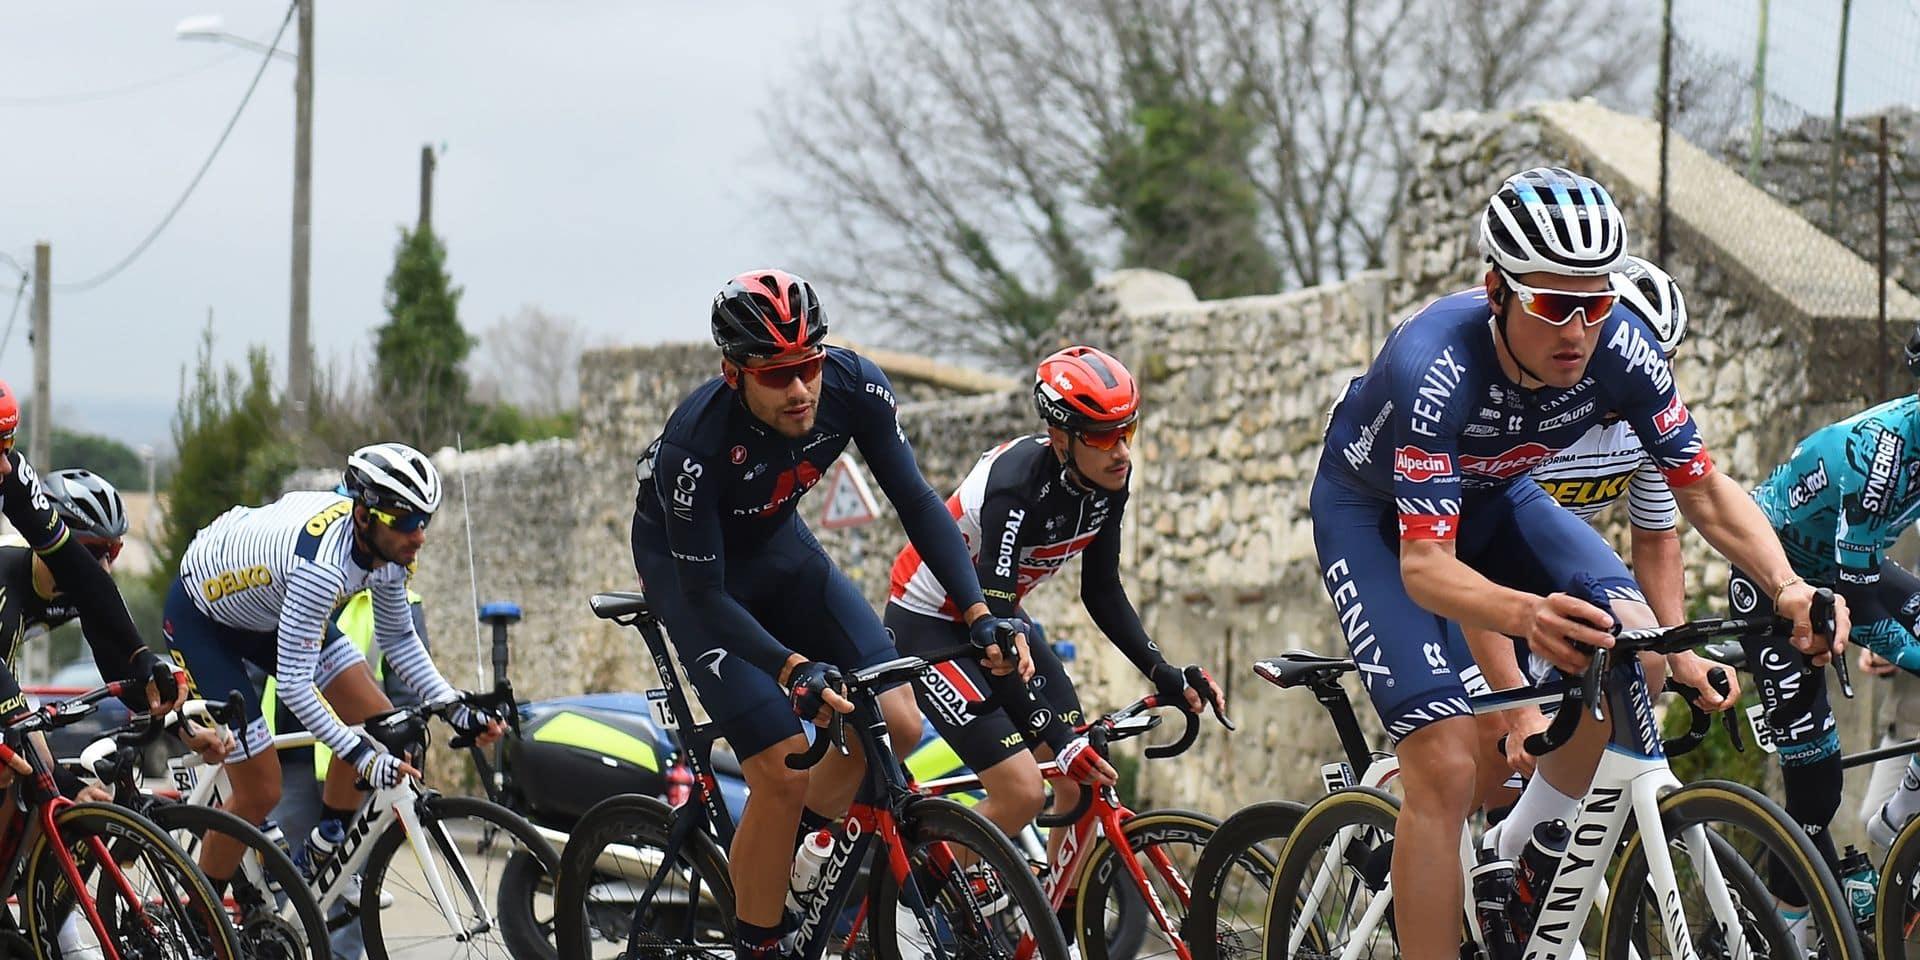 Etoile de Bessèges: Ganna s'impose en solitaire lors de la 4e étape, Van Avermaet au pied du podium, Wellens toujours premier